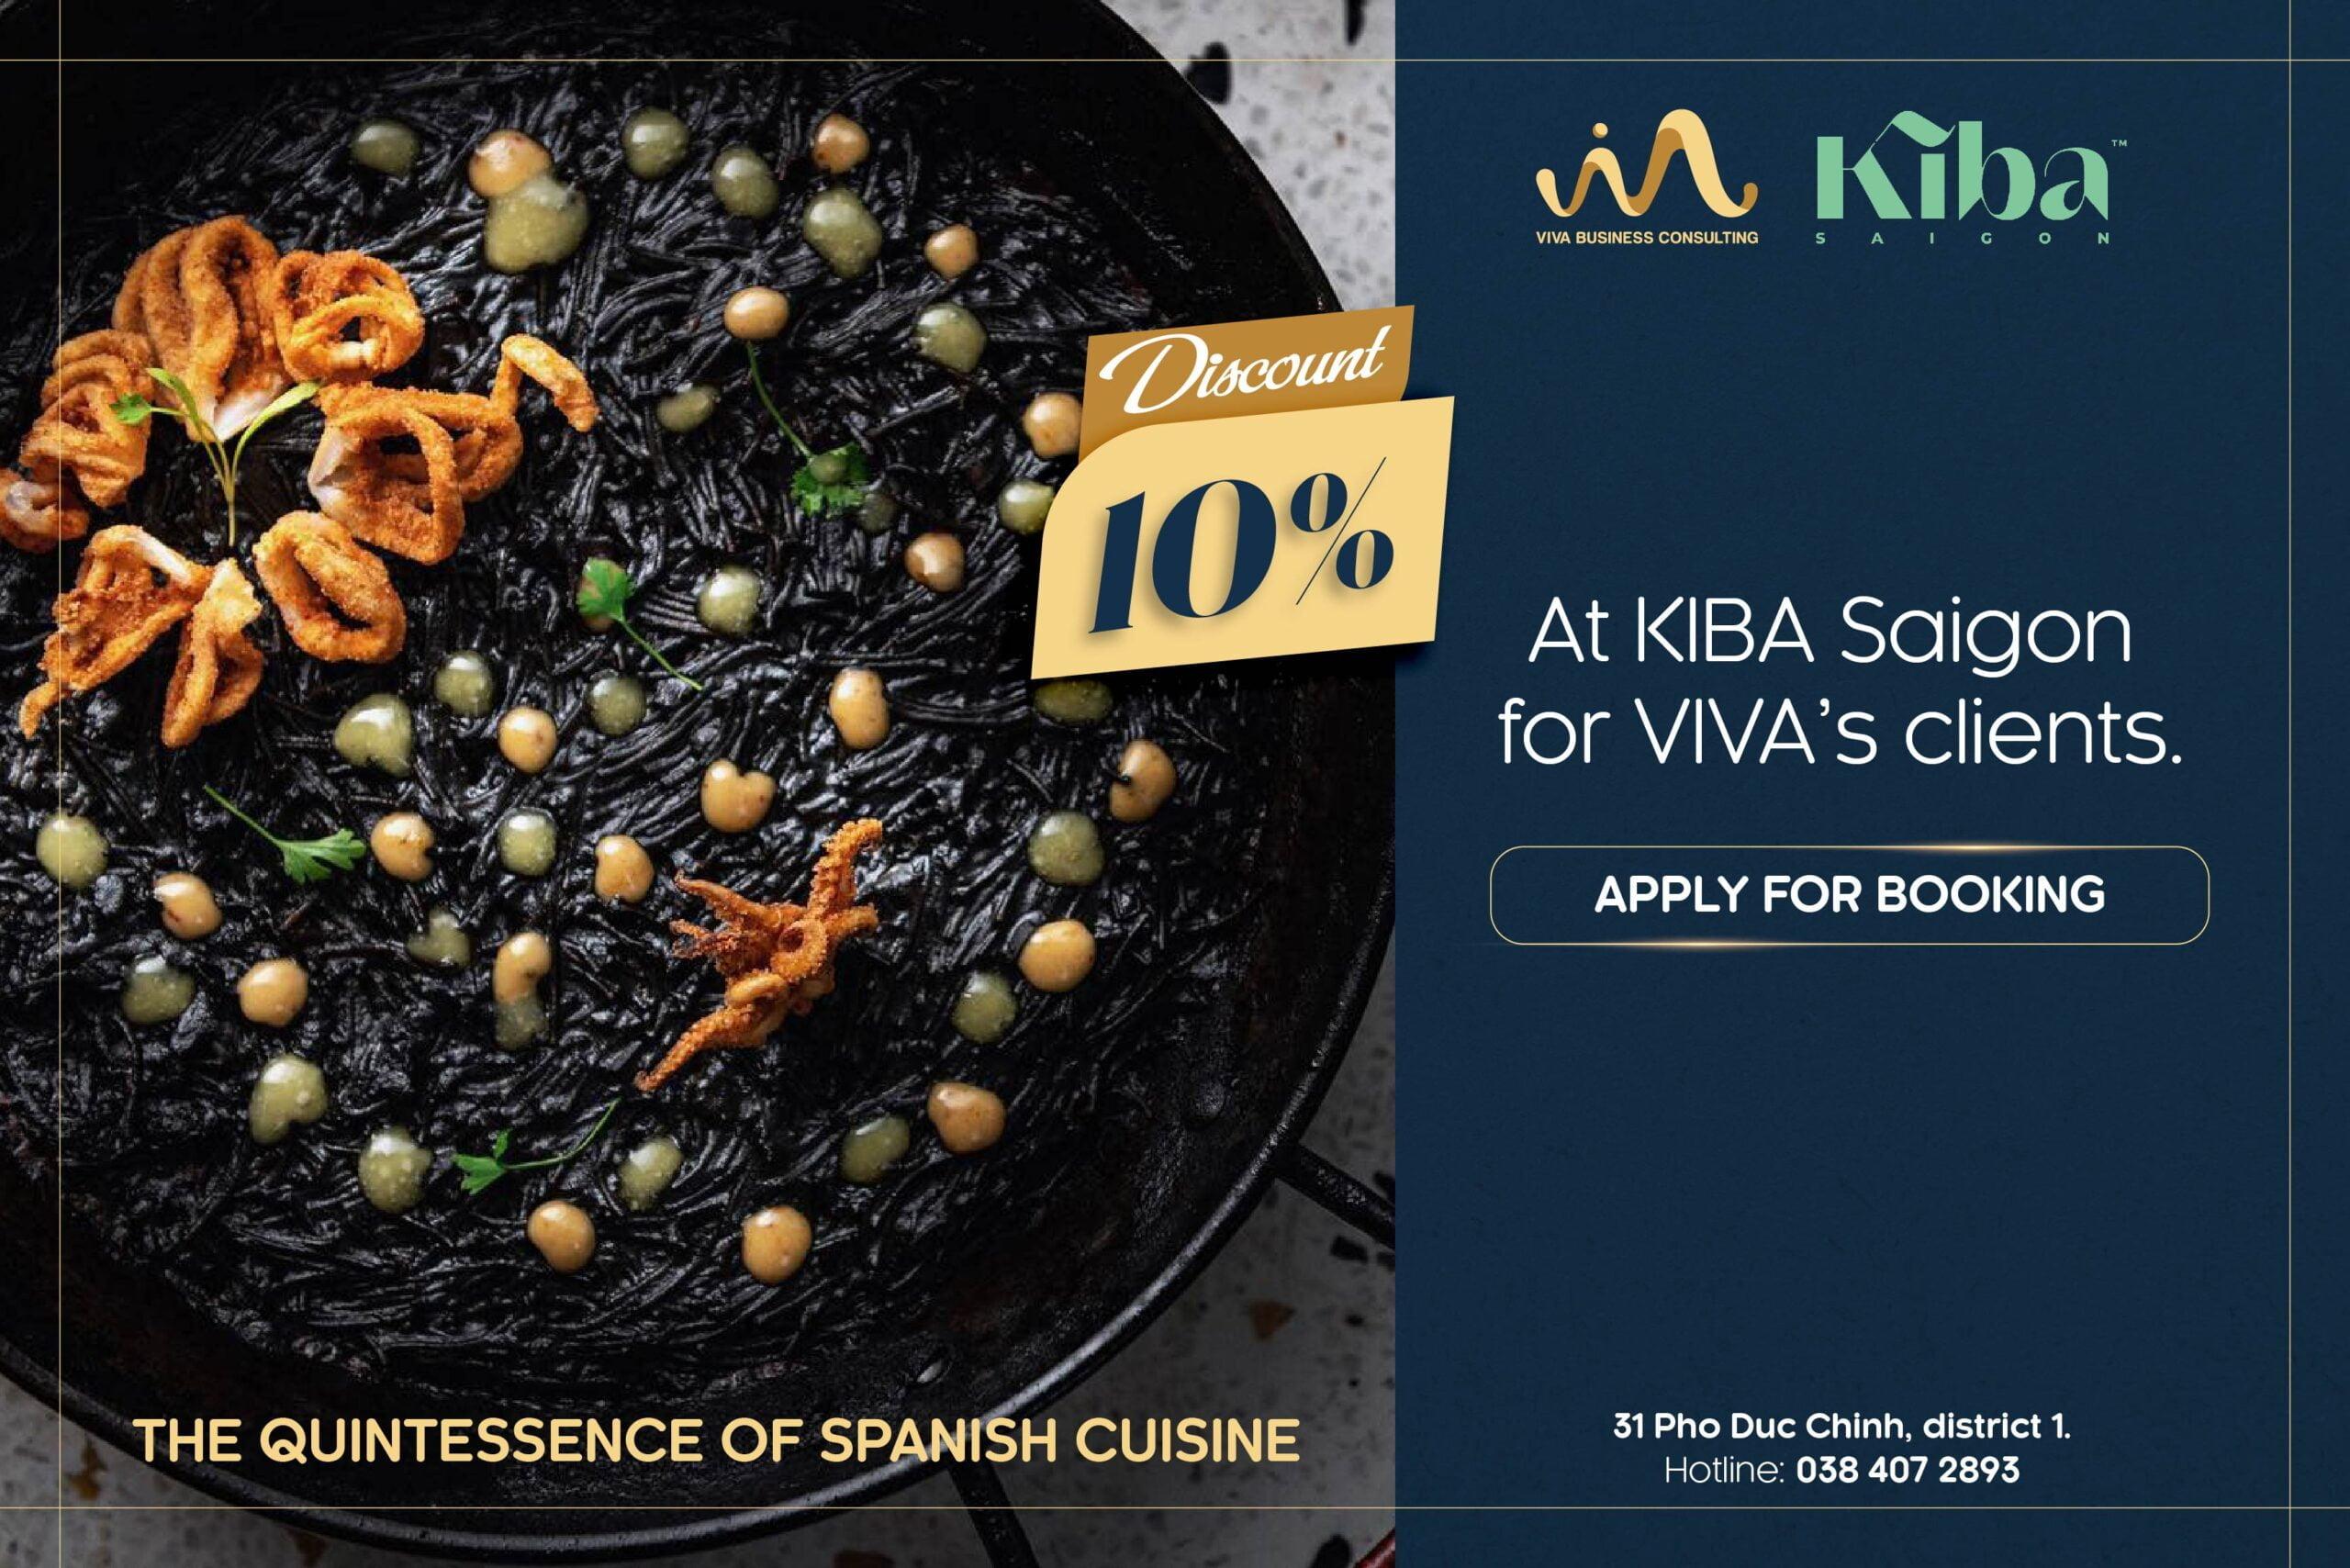 KIBA promotion